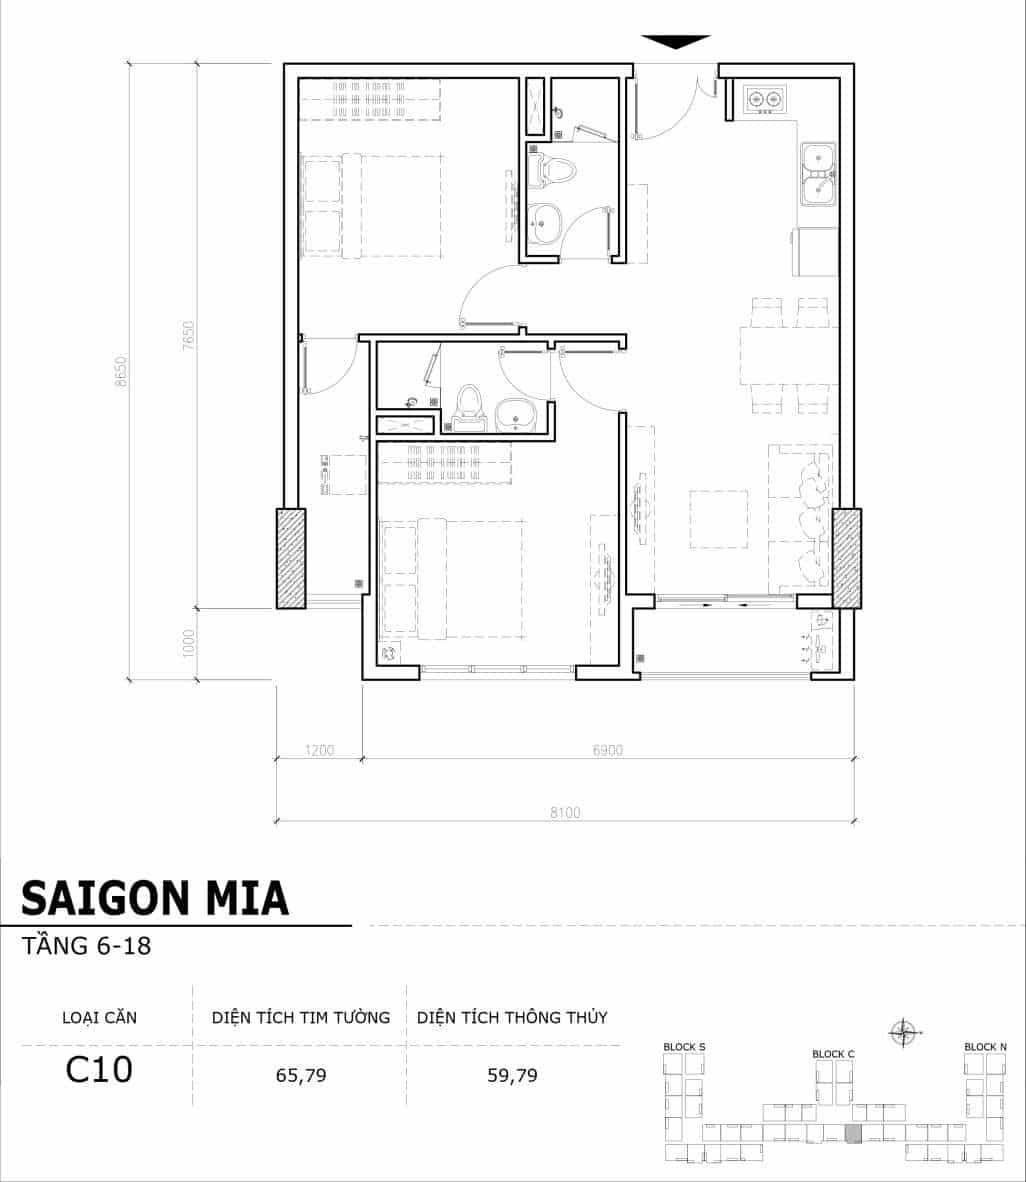 Chi tiết thiết kế căn hộ điển hình tầng 6-18 dự án Sài Gòn Mia - Căn C10